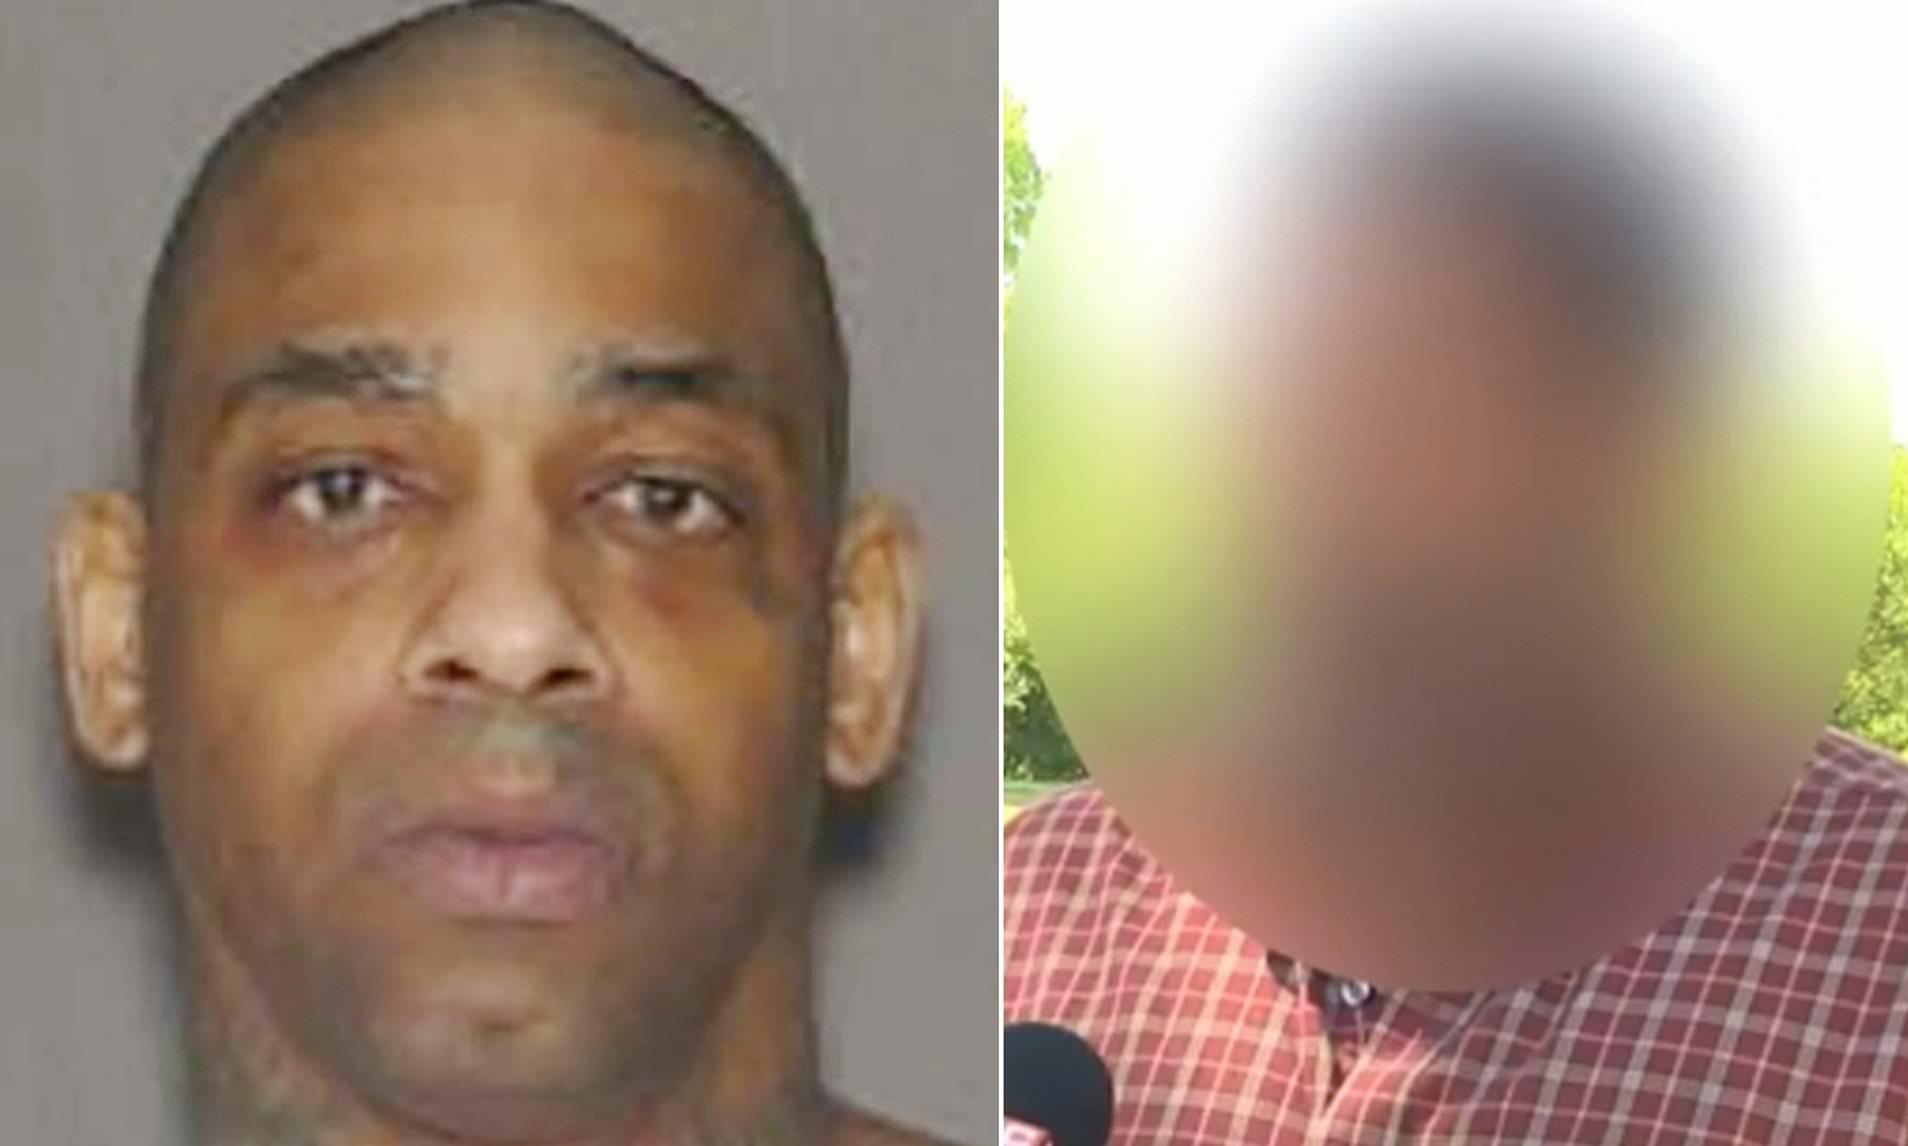 Atrapa a un hombre de 42 años intentando tener sexo con su hija de 12 años